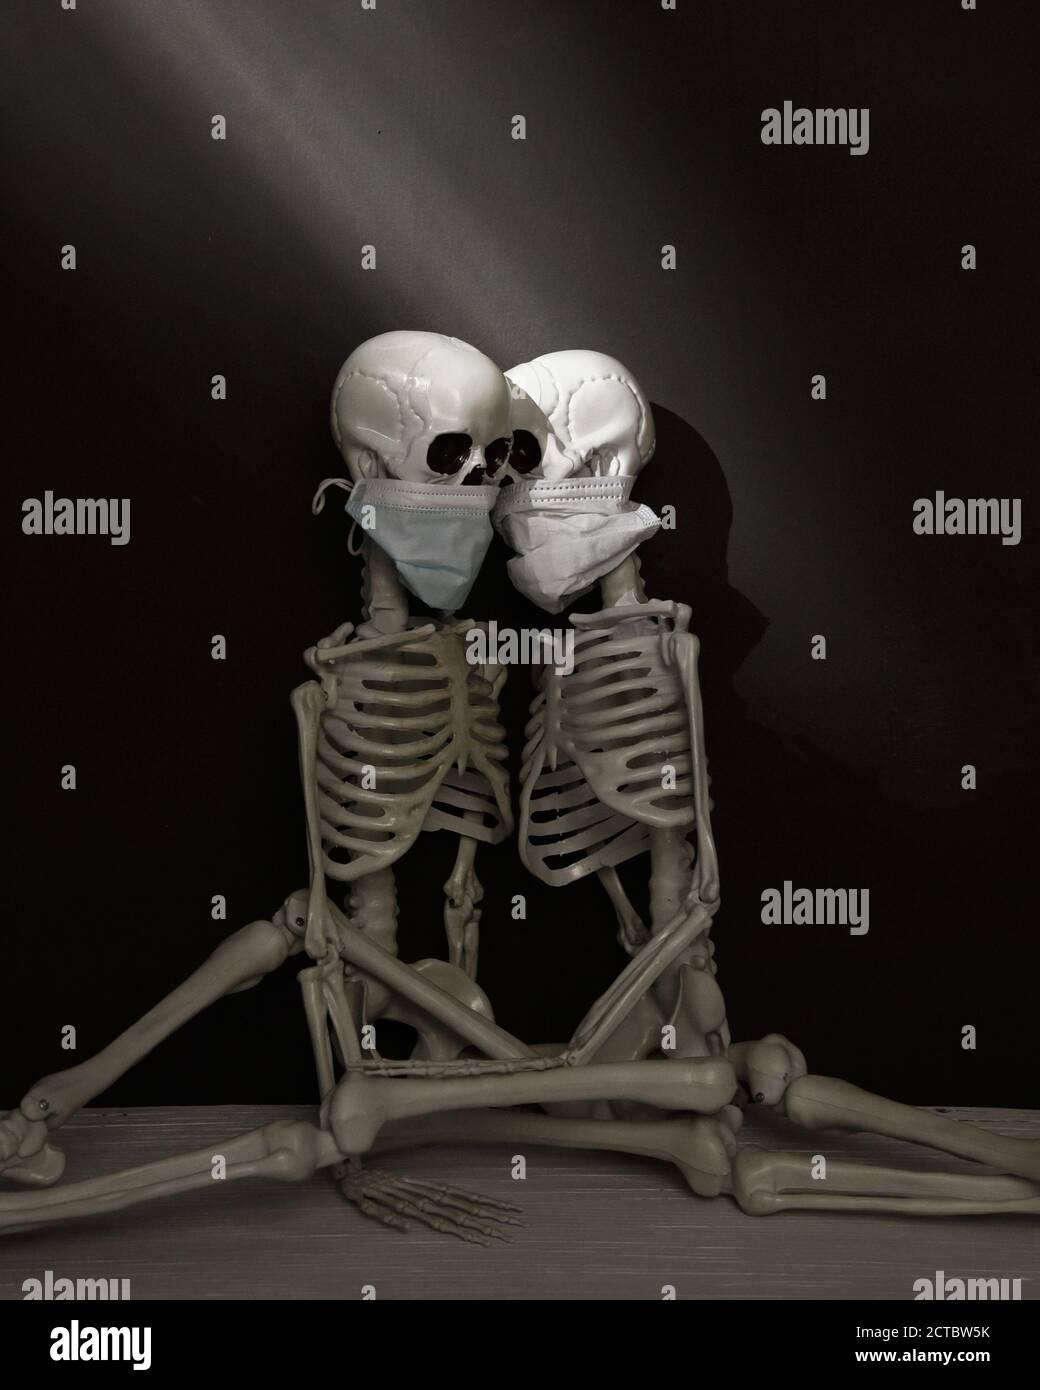 Deux squelettes humains sont assis ensemble dans une pièce sombre portant des masques pour un étrange concept de santé du virus pandémique. Banque D'Images